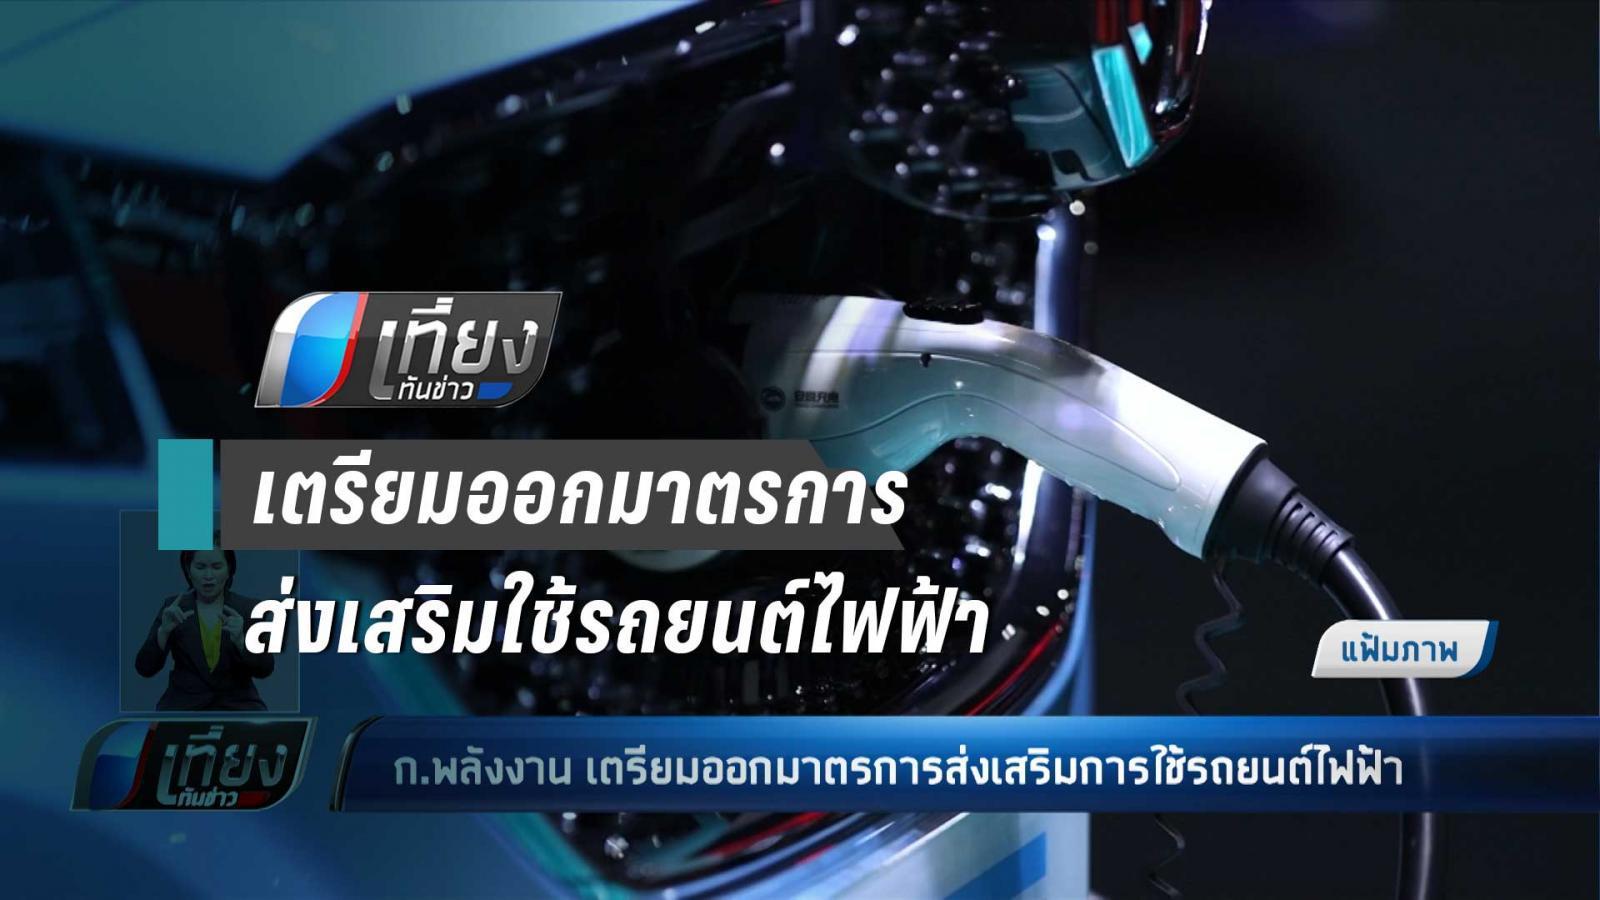 ก.พลังงาน เตรียมออกมาตรการส่งเสริมใช้รถยนต์ไฟฟ้า